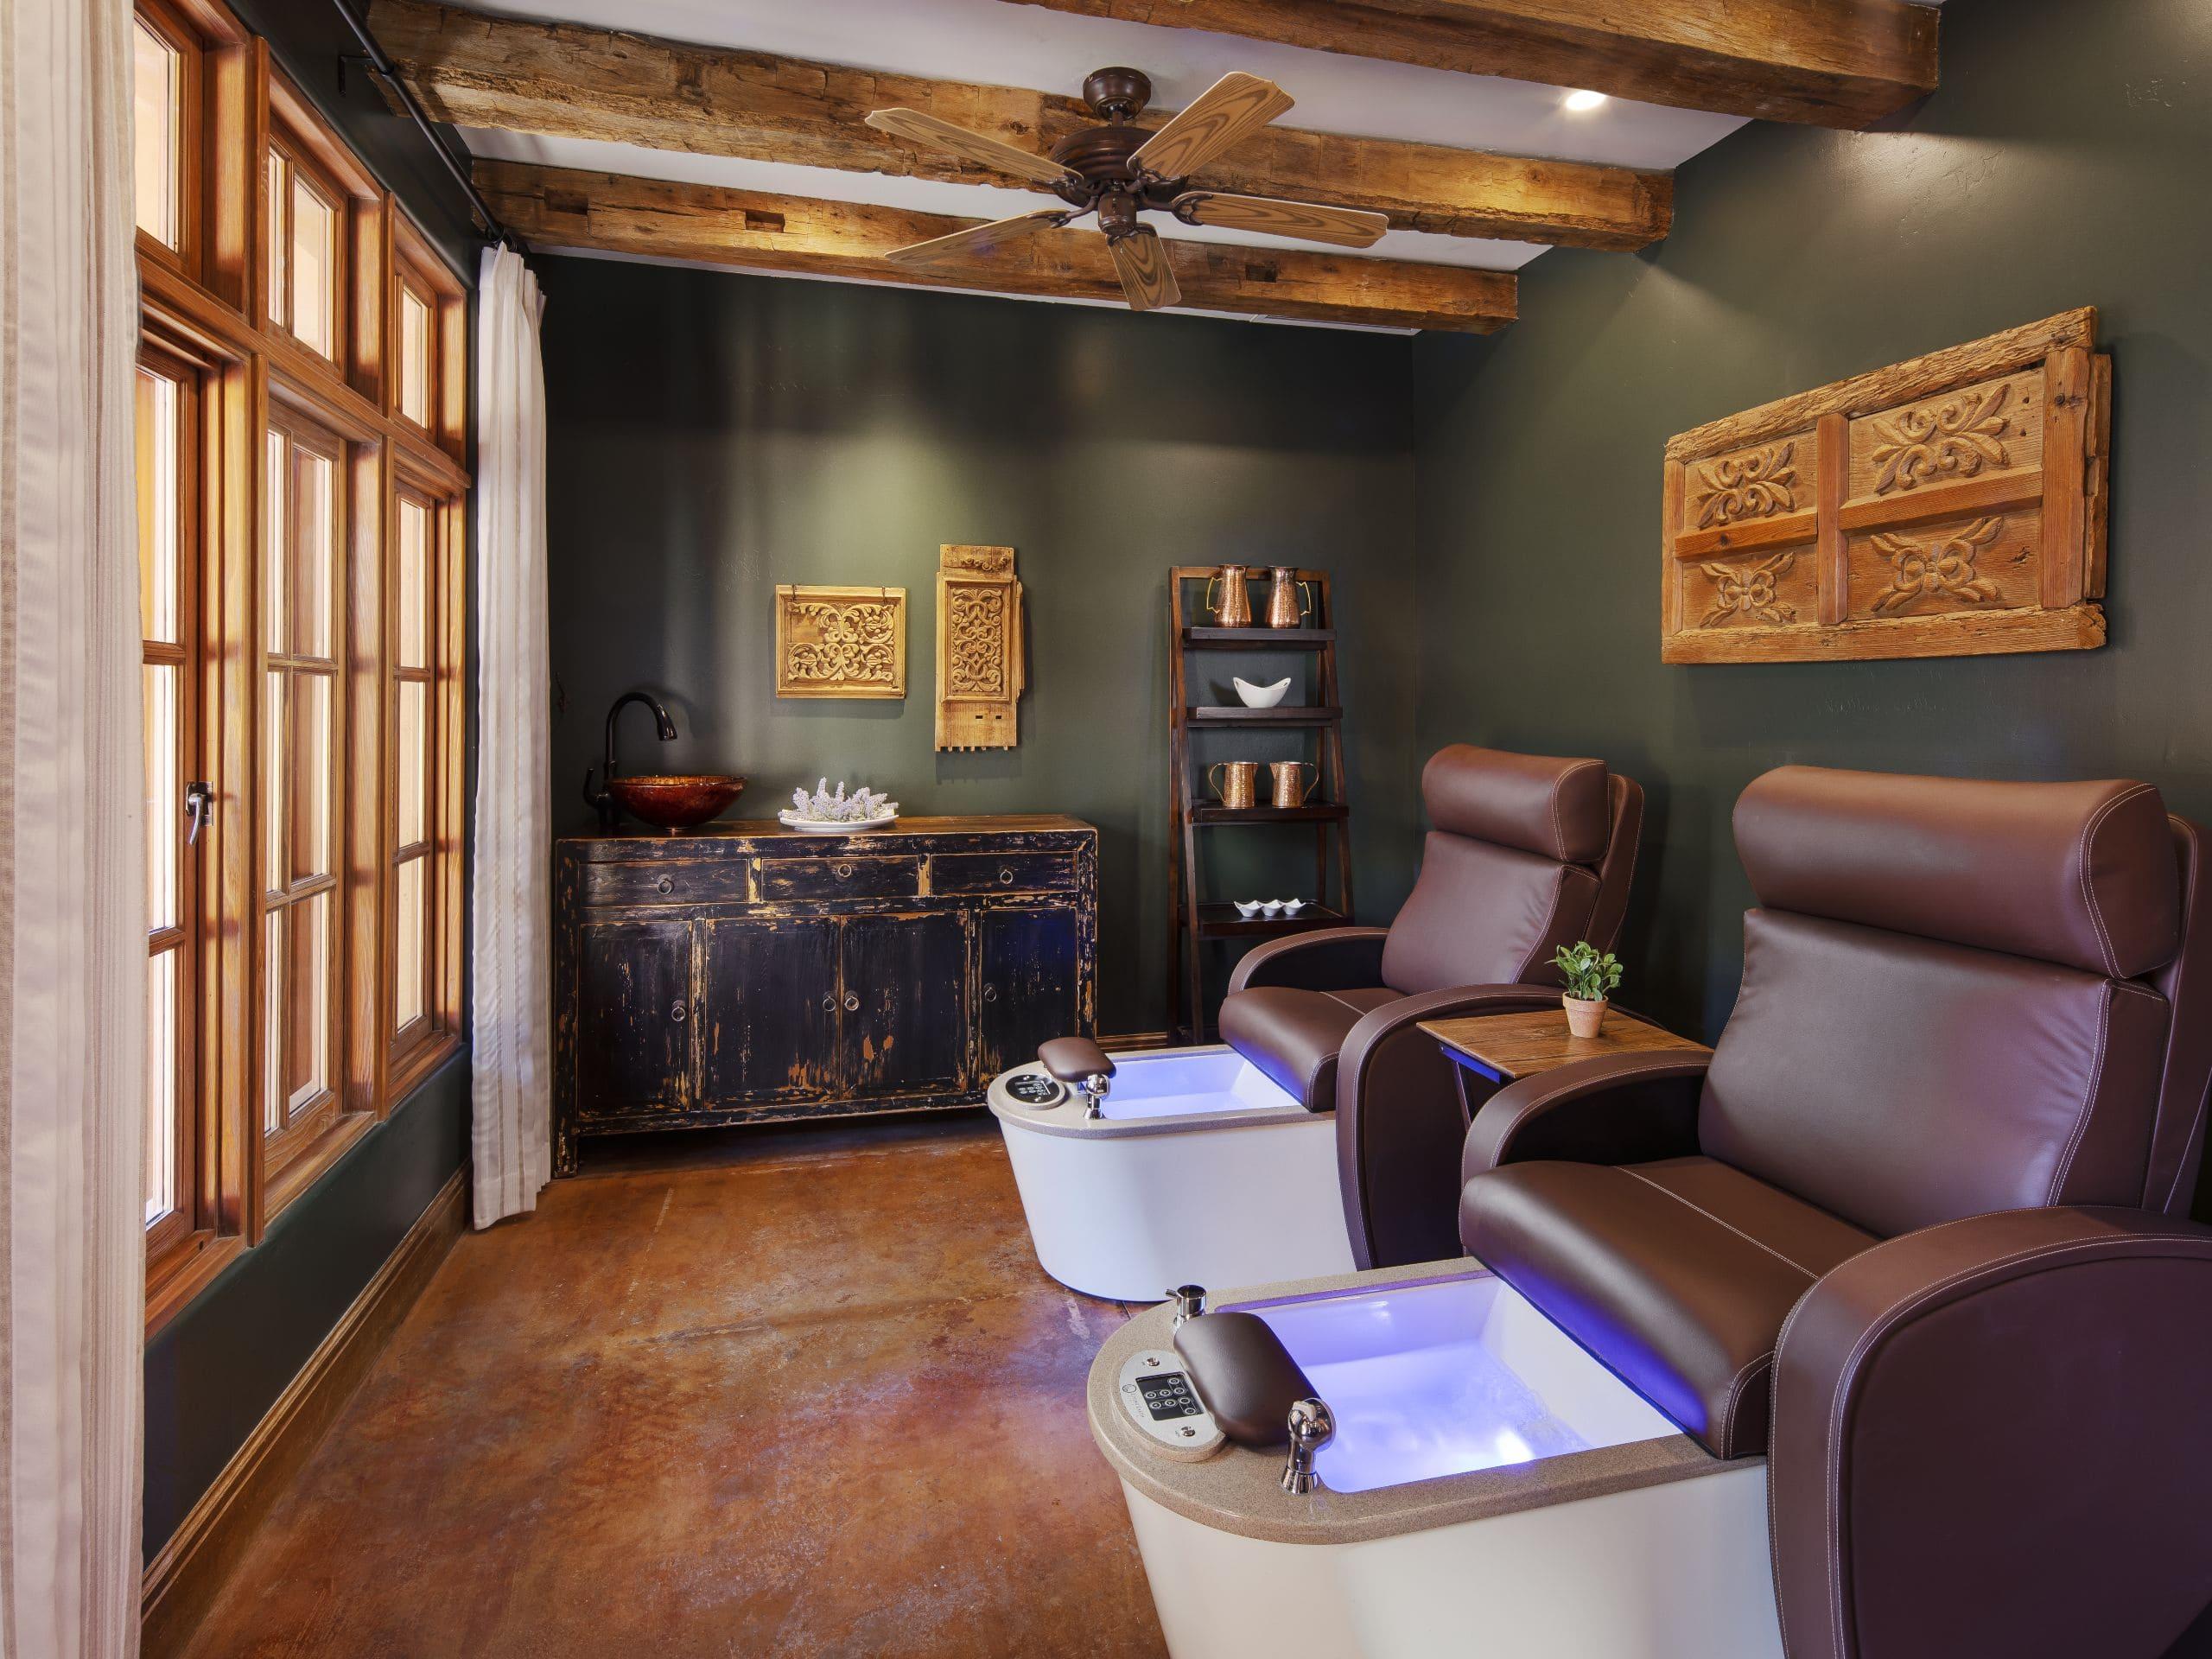 Alvadora Spa Pedicure Room